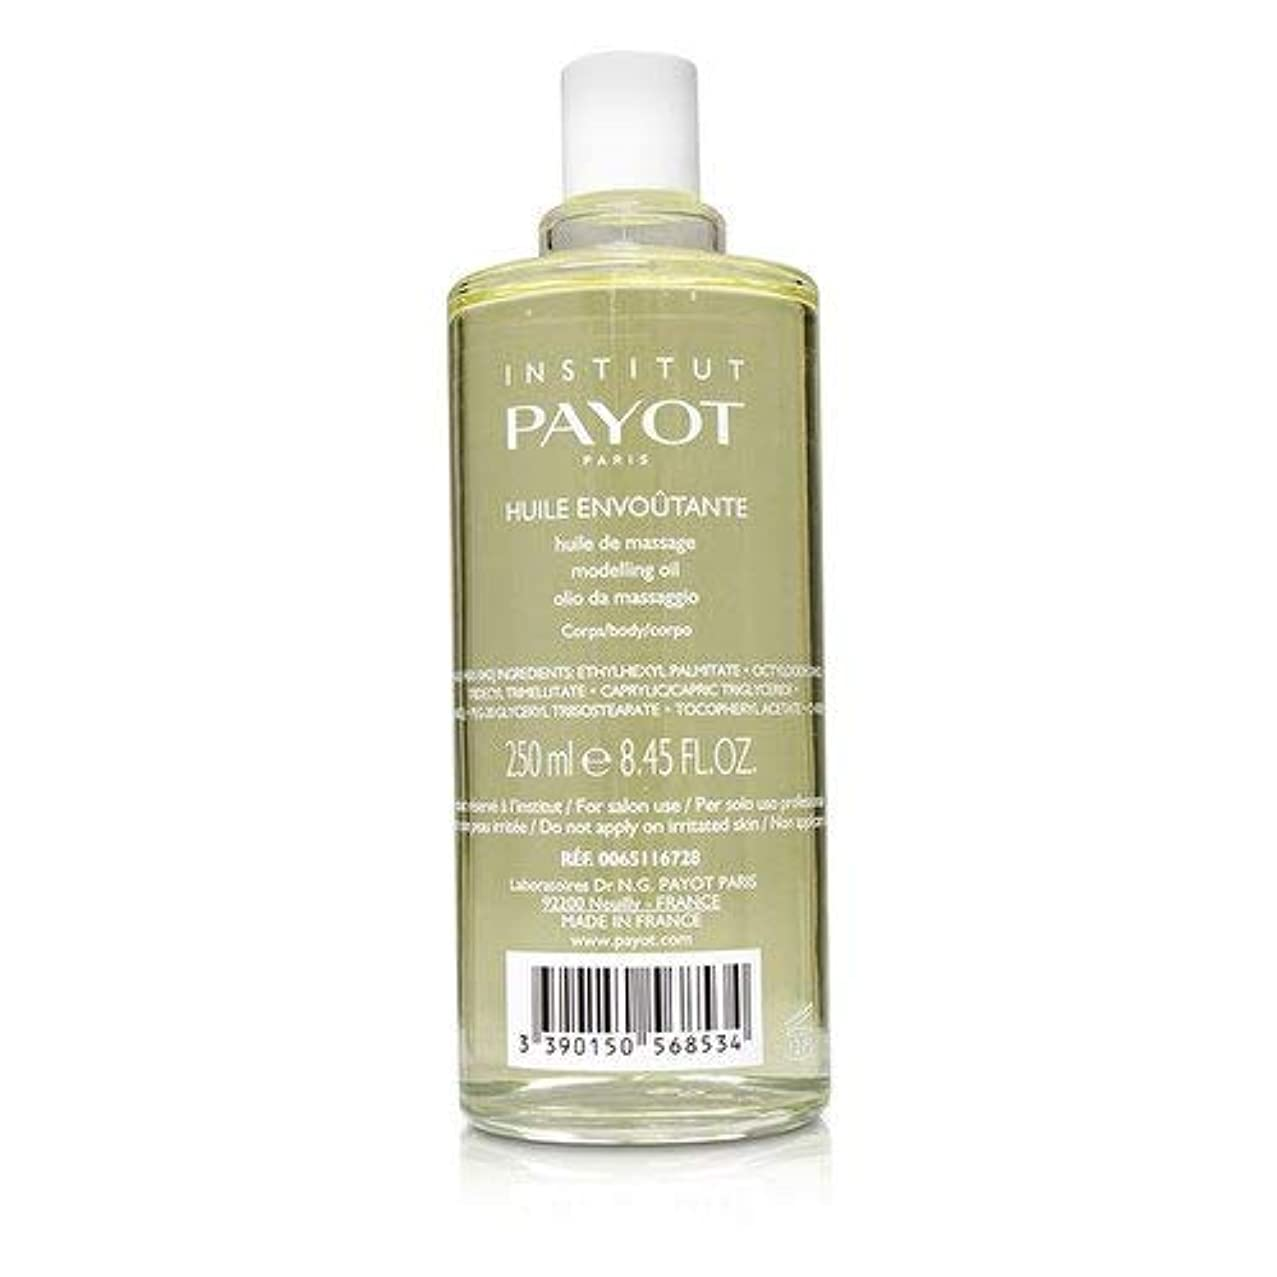 市区町村トークがんばり続けるパイヨ Huile Envoutante - Body Massage Oil (White Flower & Honey) (Salon Product) 250ml/8.4oz並行輸入品